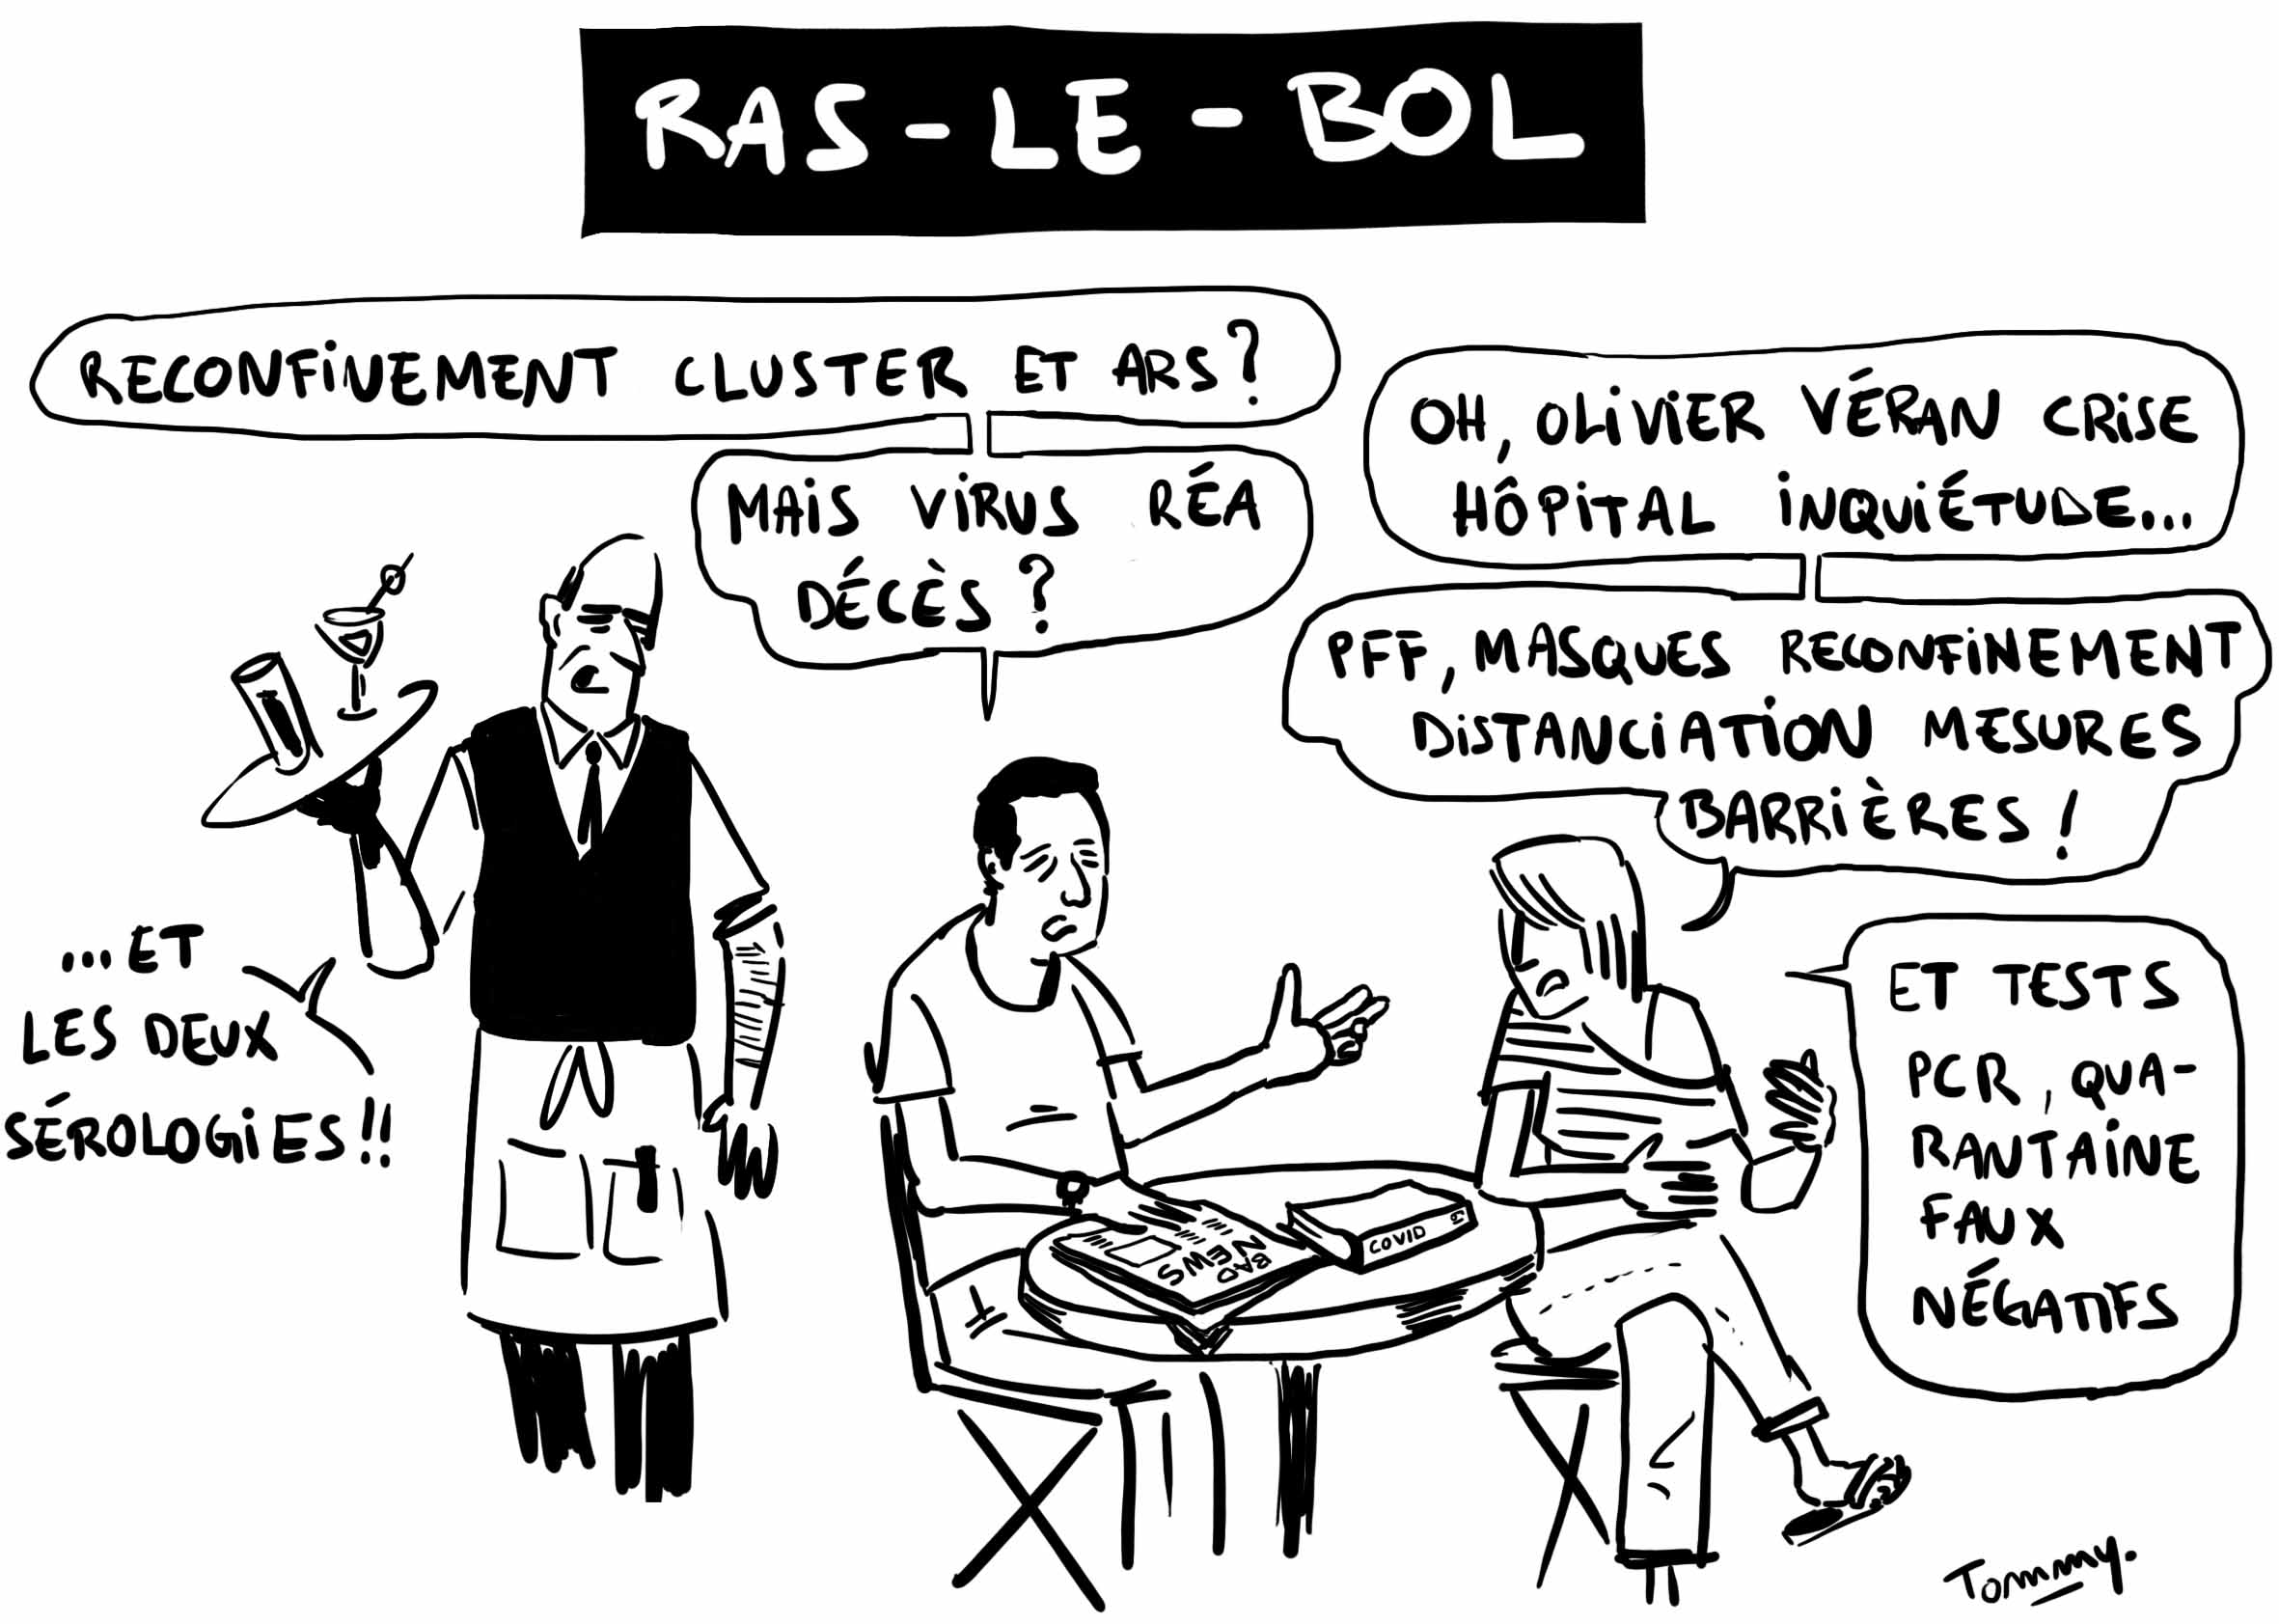 Ras-le-bol